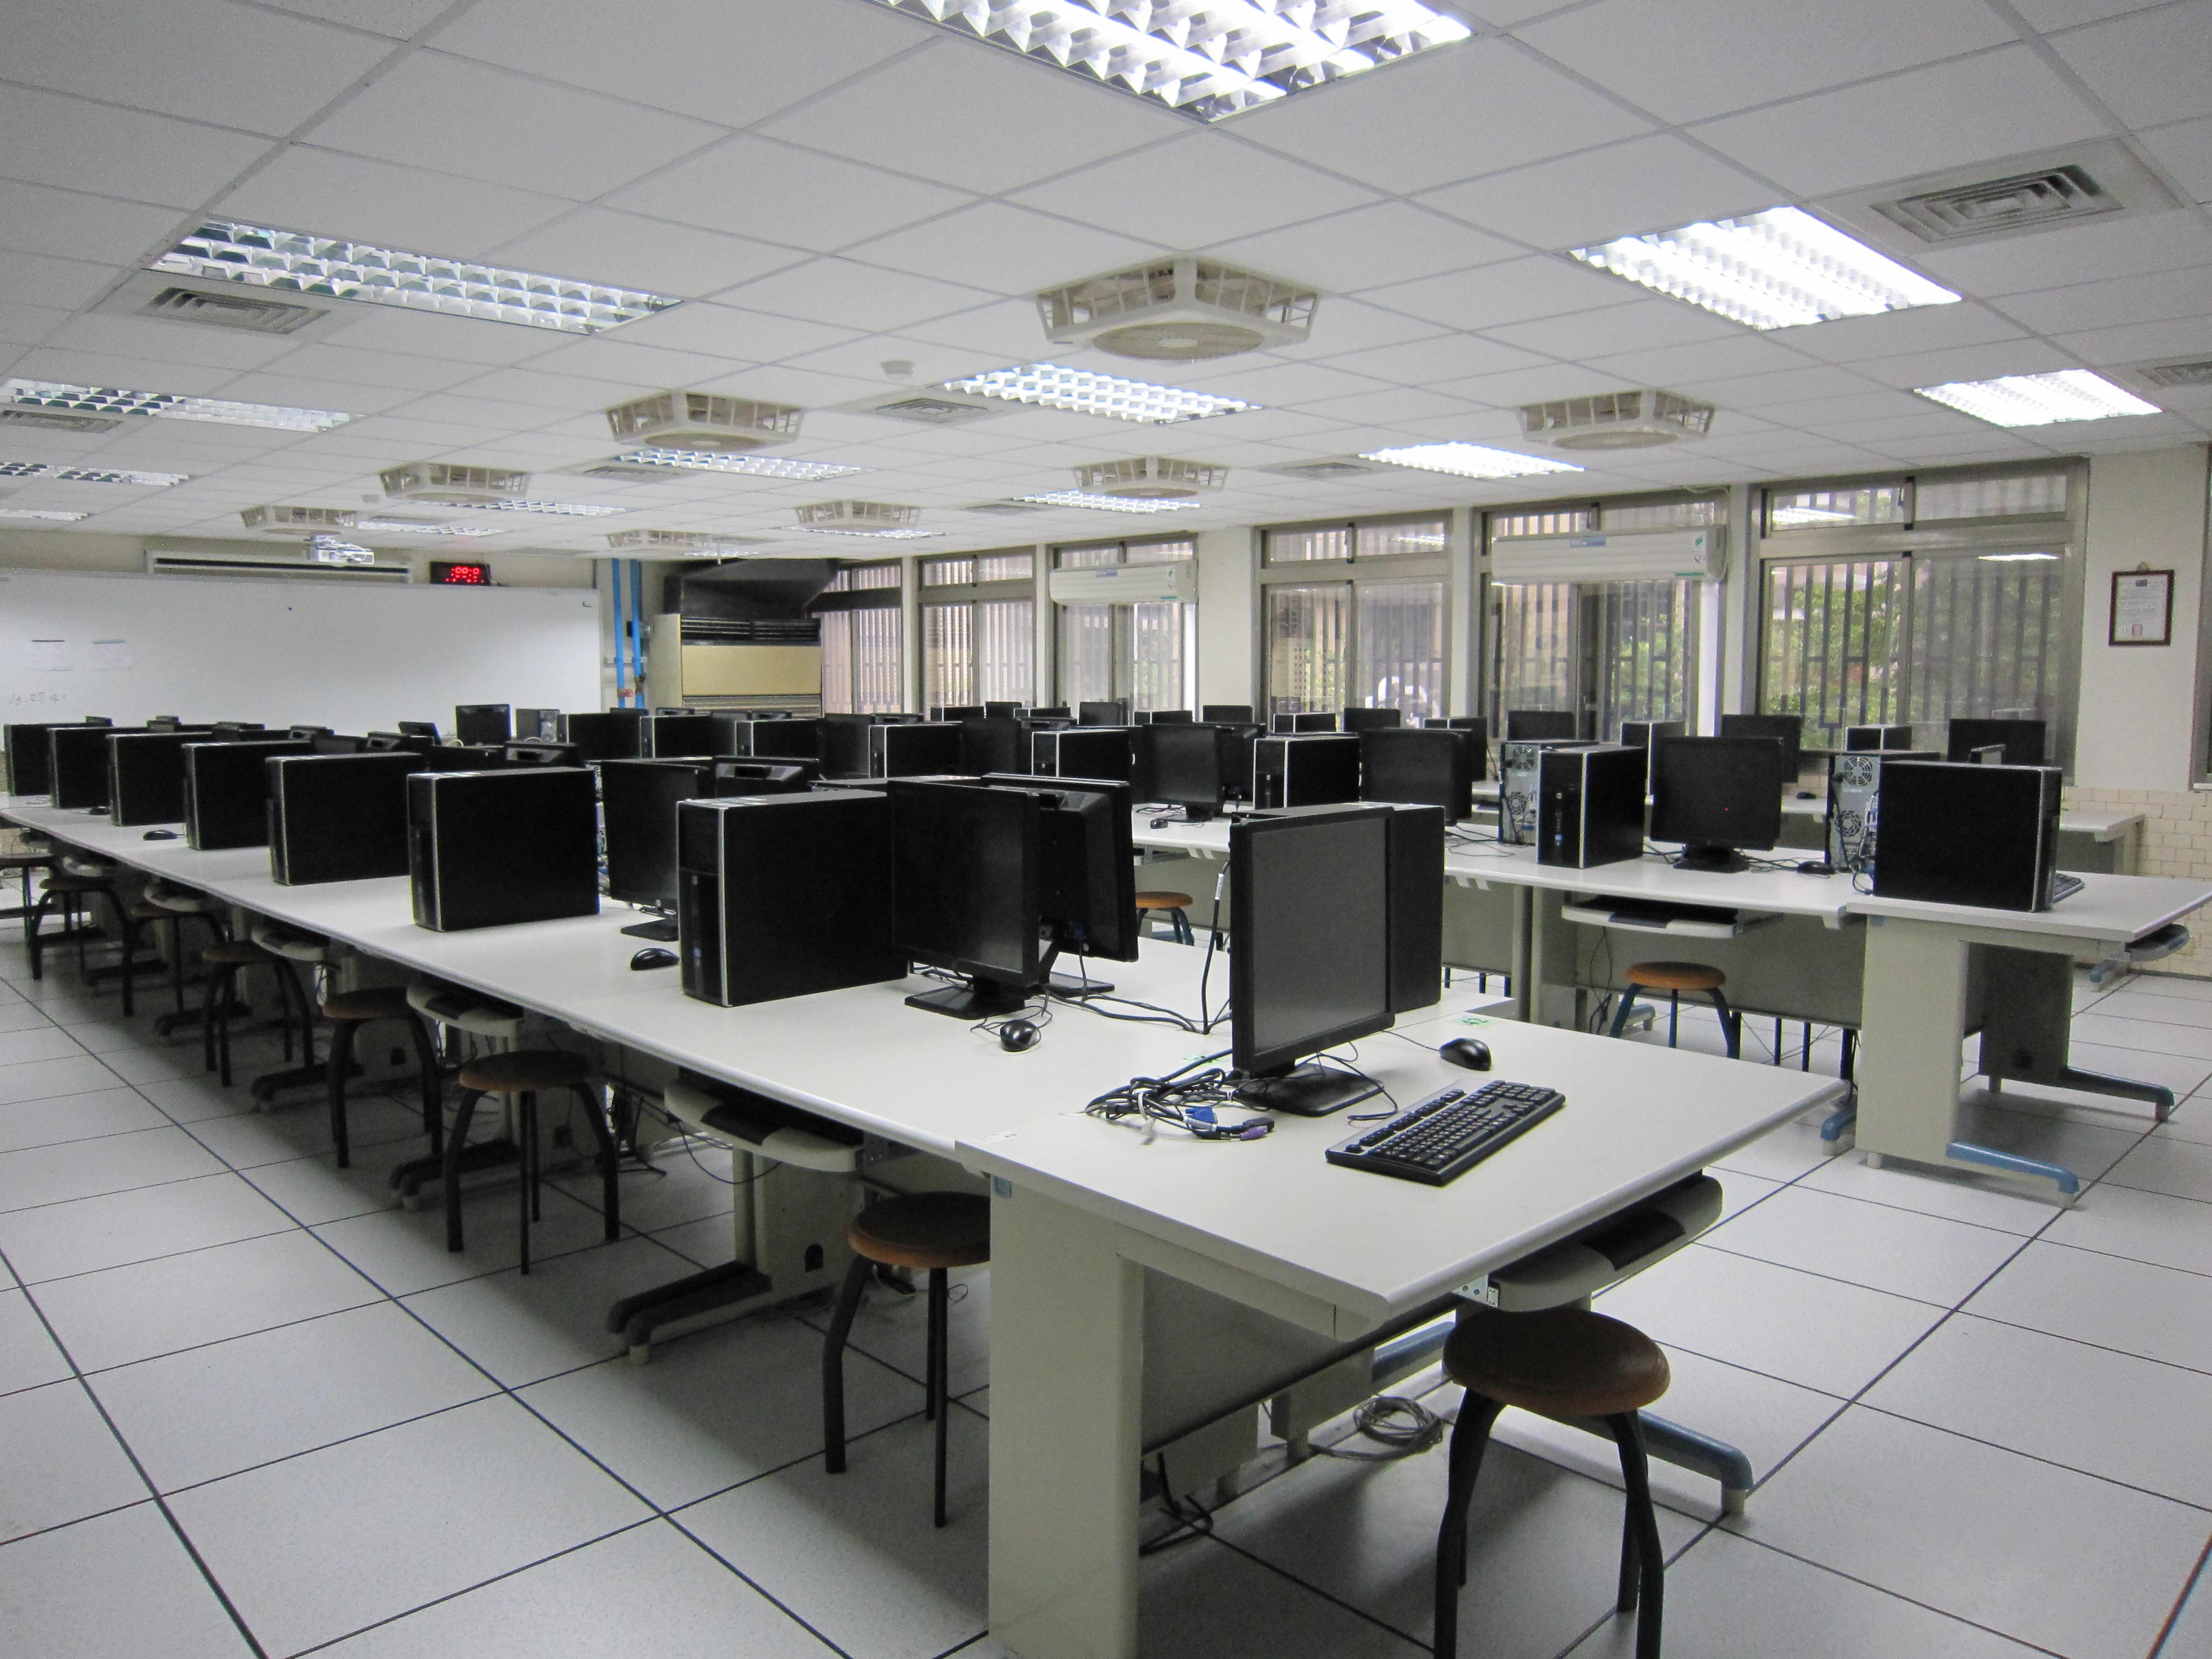 電腦輔助機械助圖實習工場A(左側)